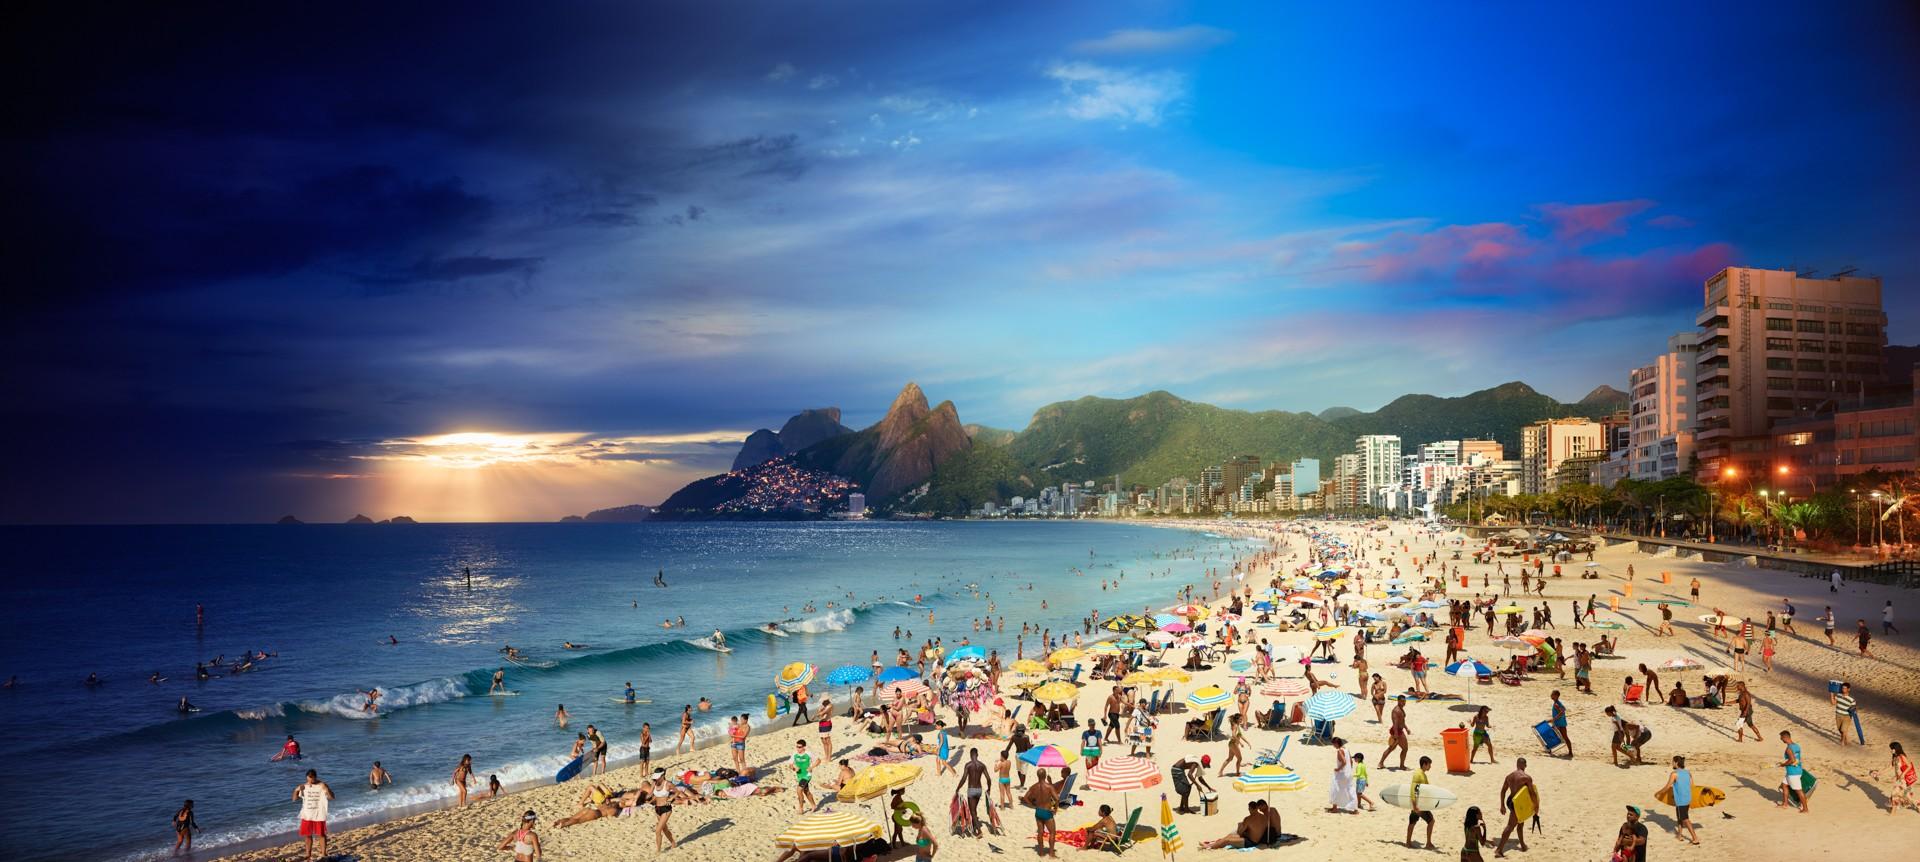 ساحل های برزیل